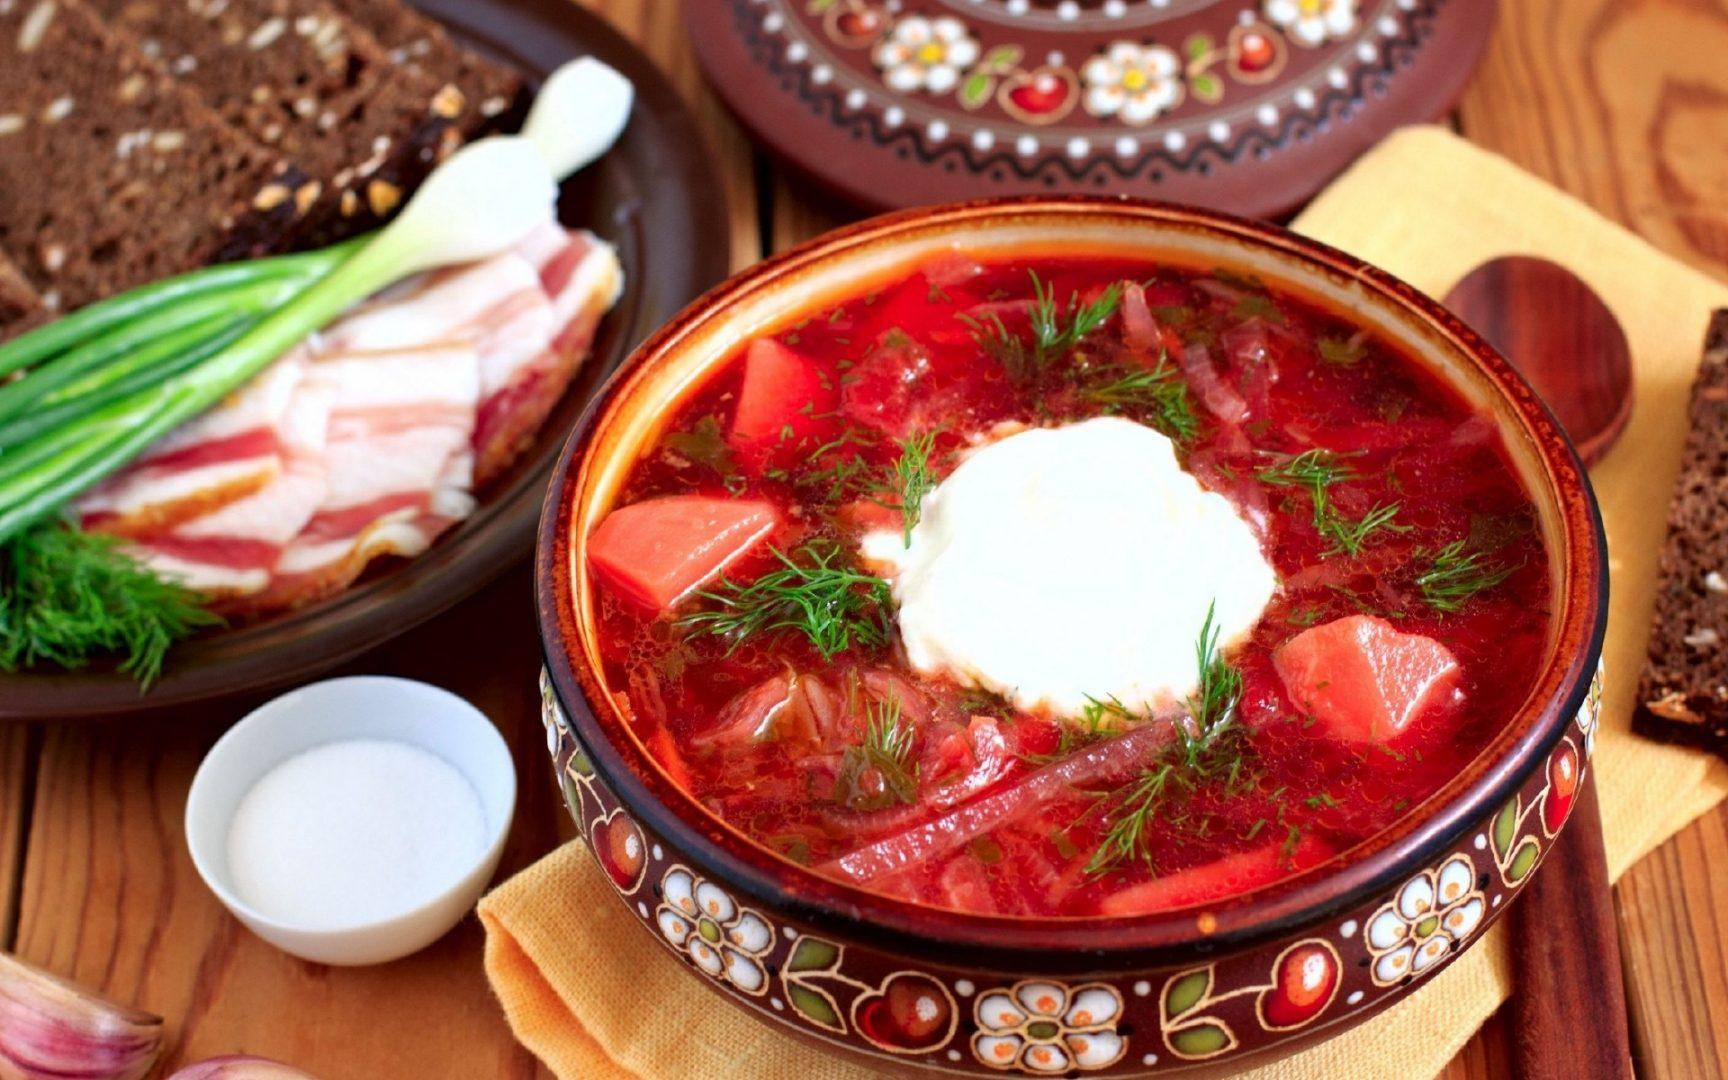 Борщ с копченым салом: старинный рецепт невероятно пикантного блюда      - today.ua